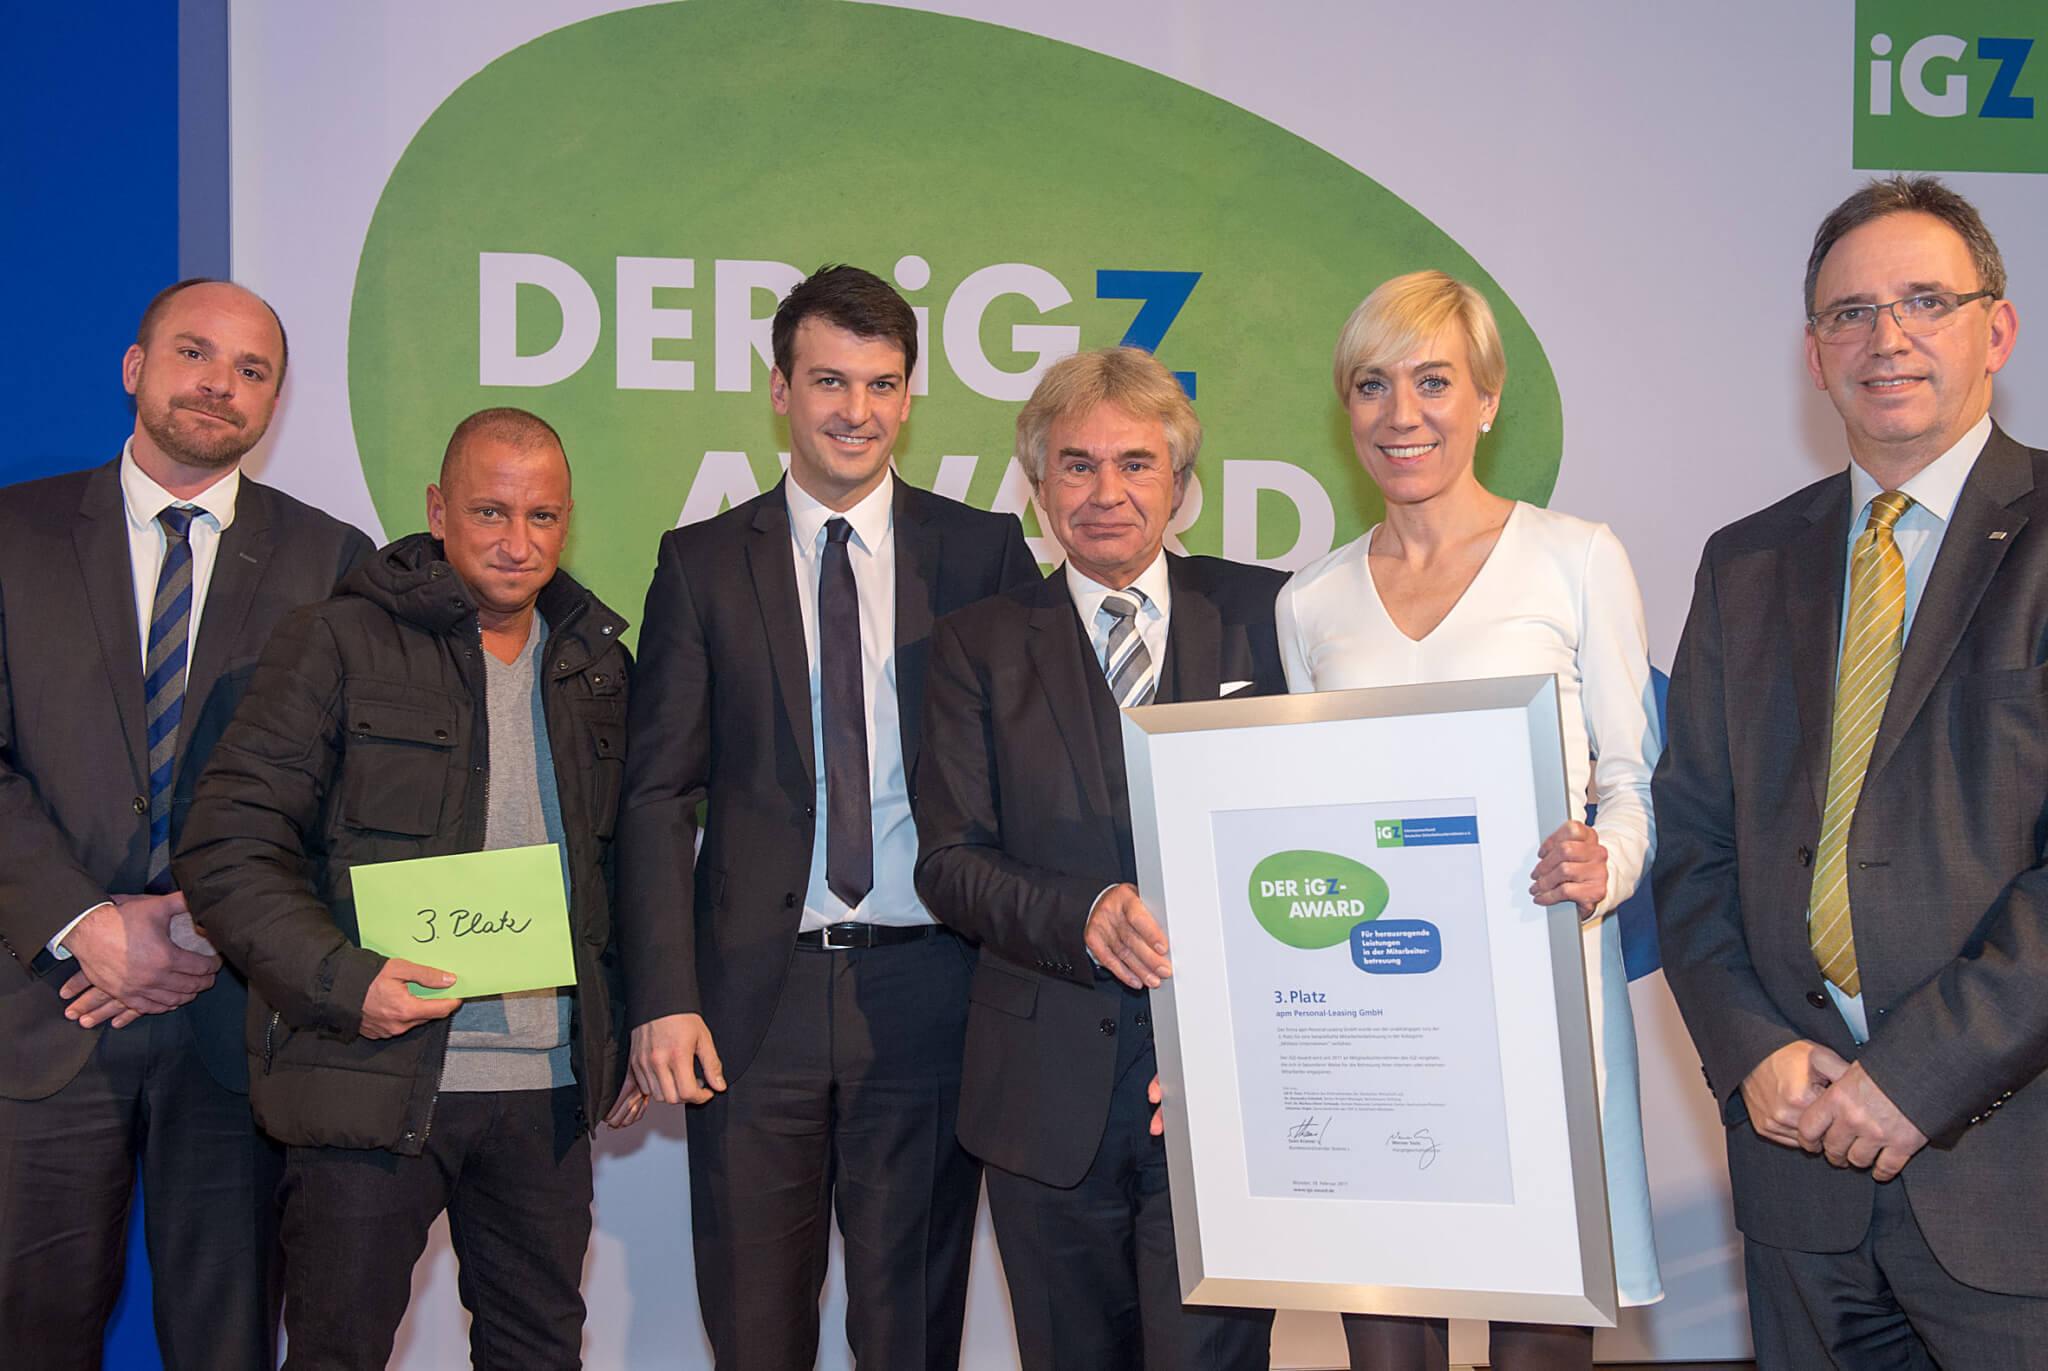 IGZ_Award_Gruppenbild